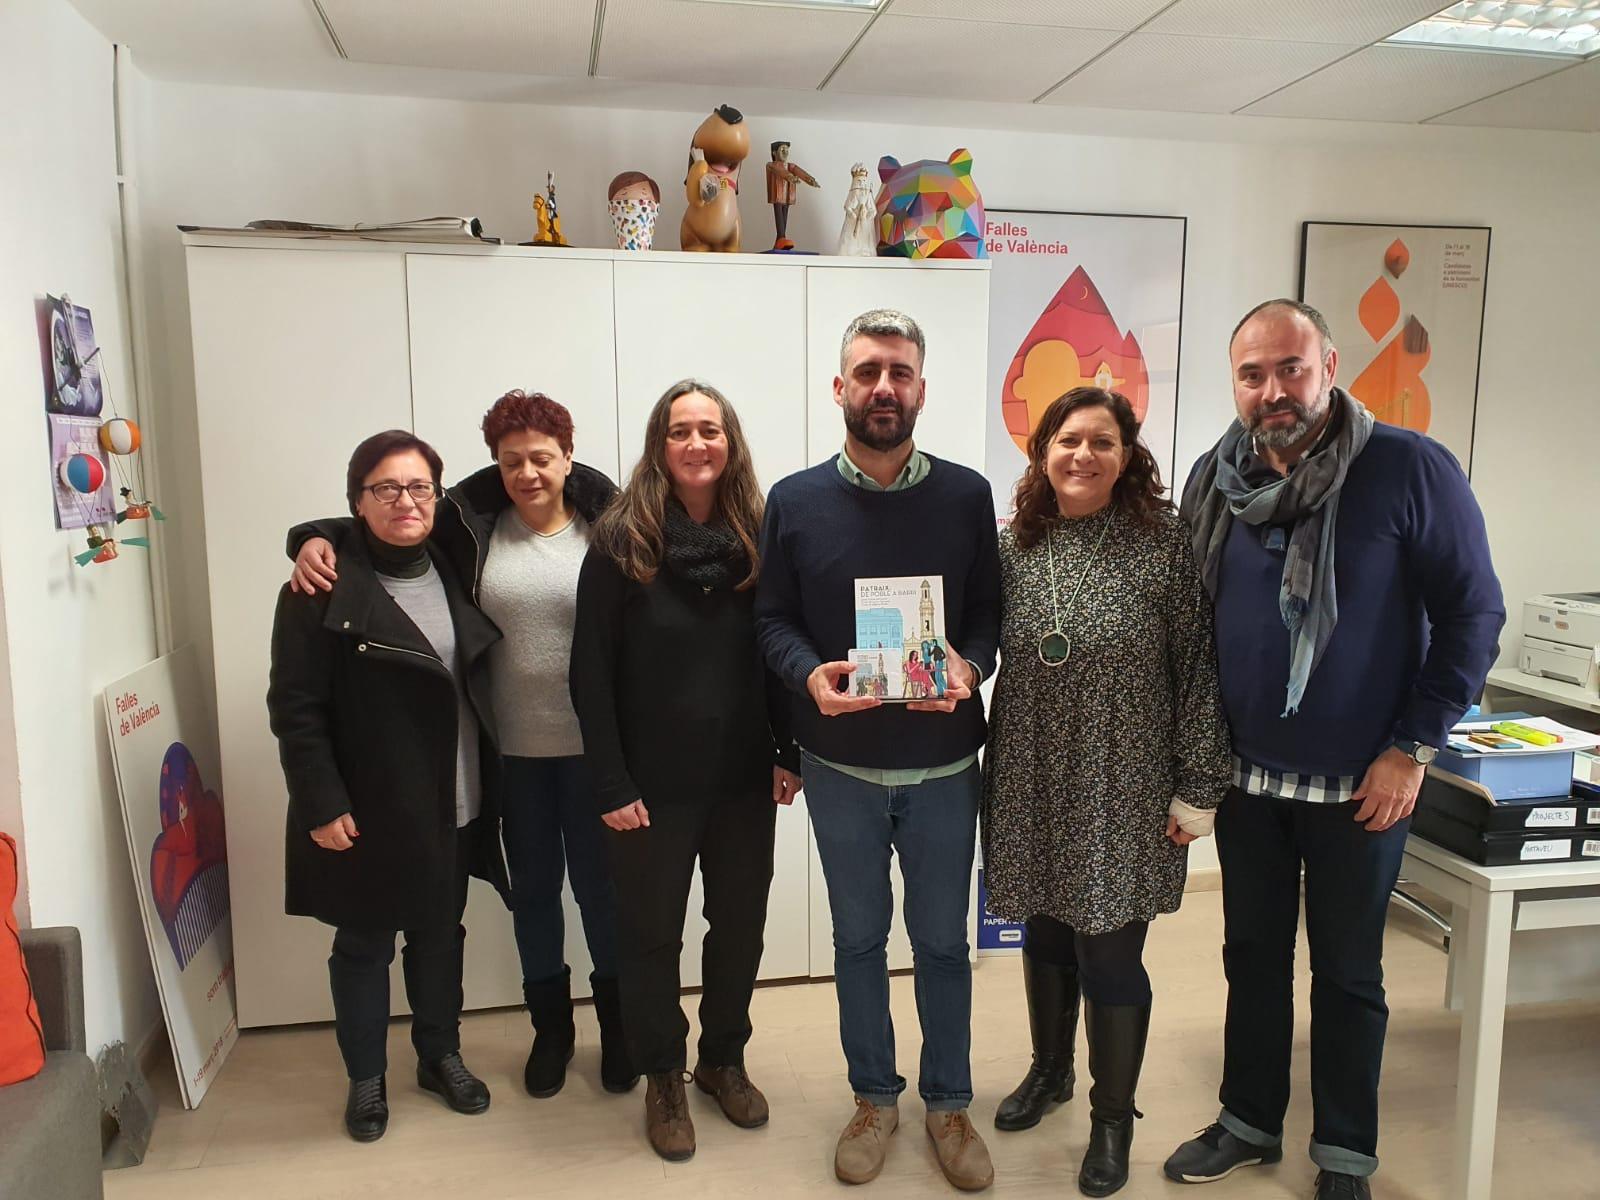 La Asociación Vecinal de Patraix se reúne con el concejal Pere Fuset para informarle de los actos del 150 aniversario de la anexión del antiguo pueblo a la ciudad de València